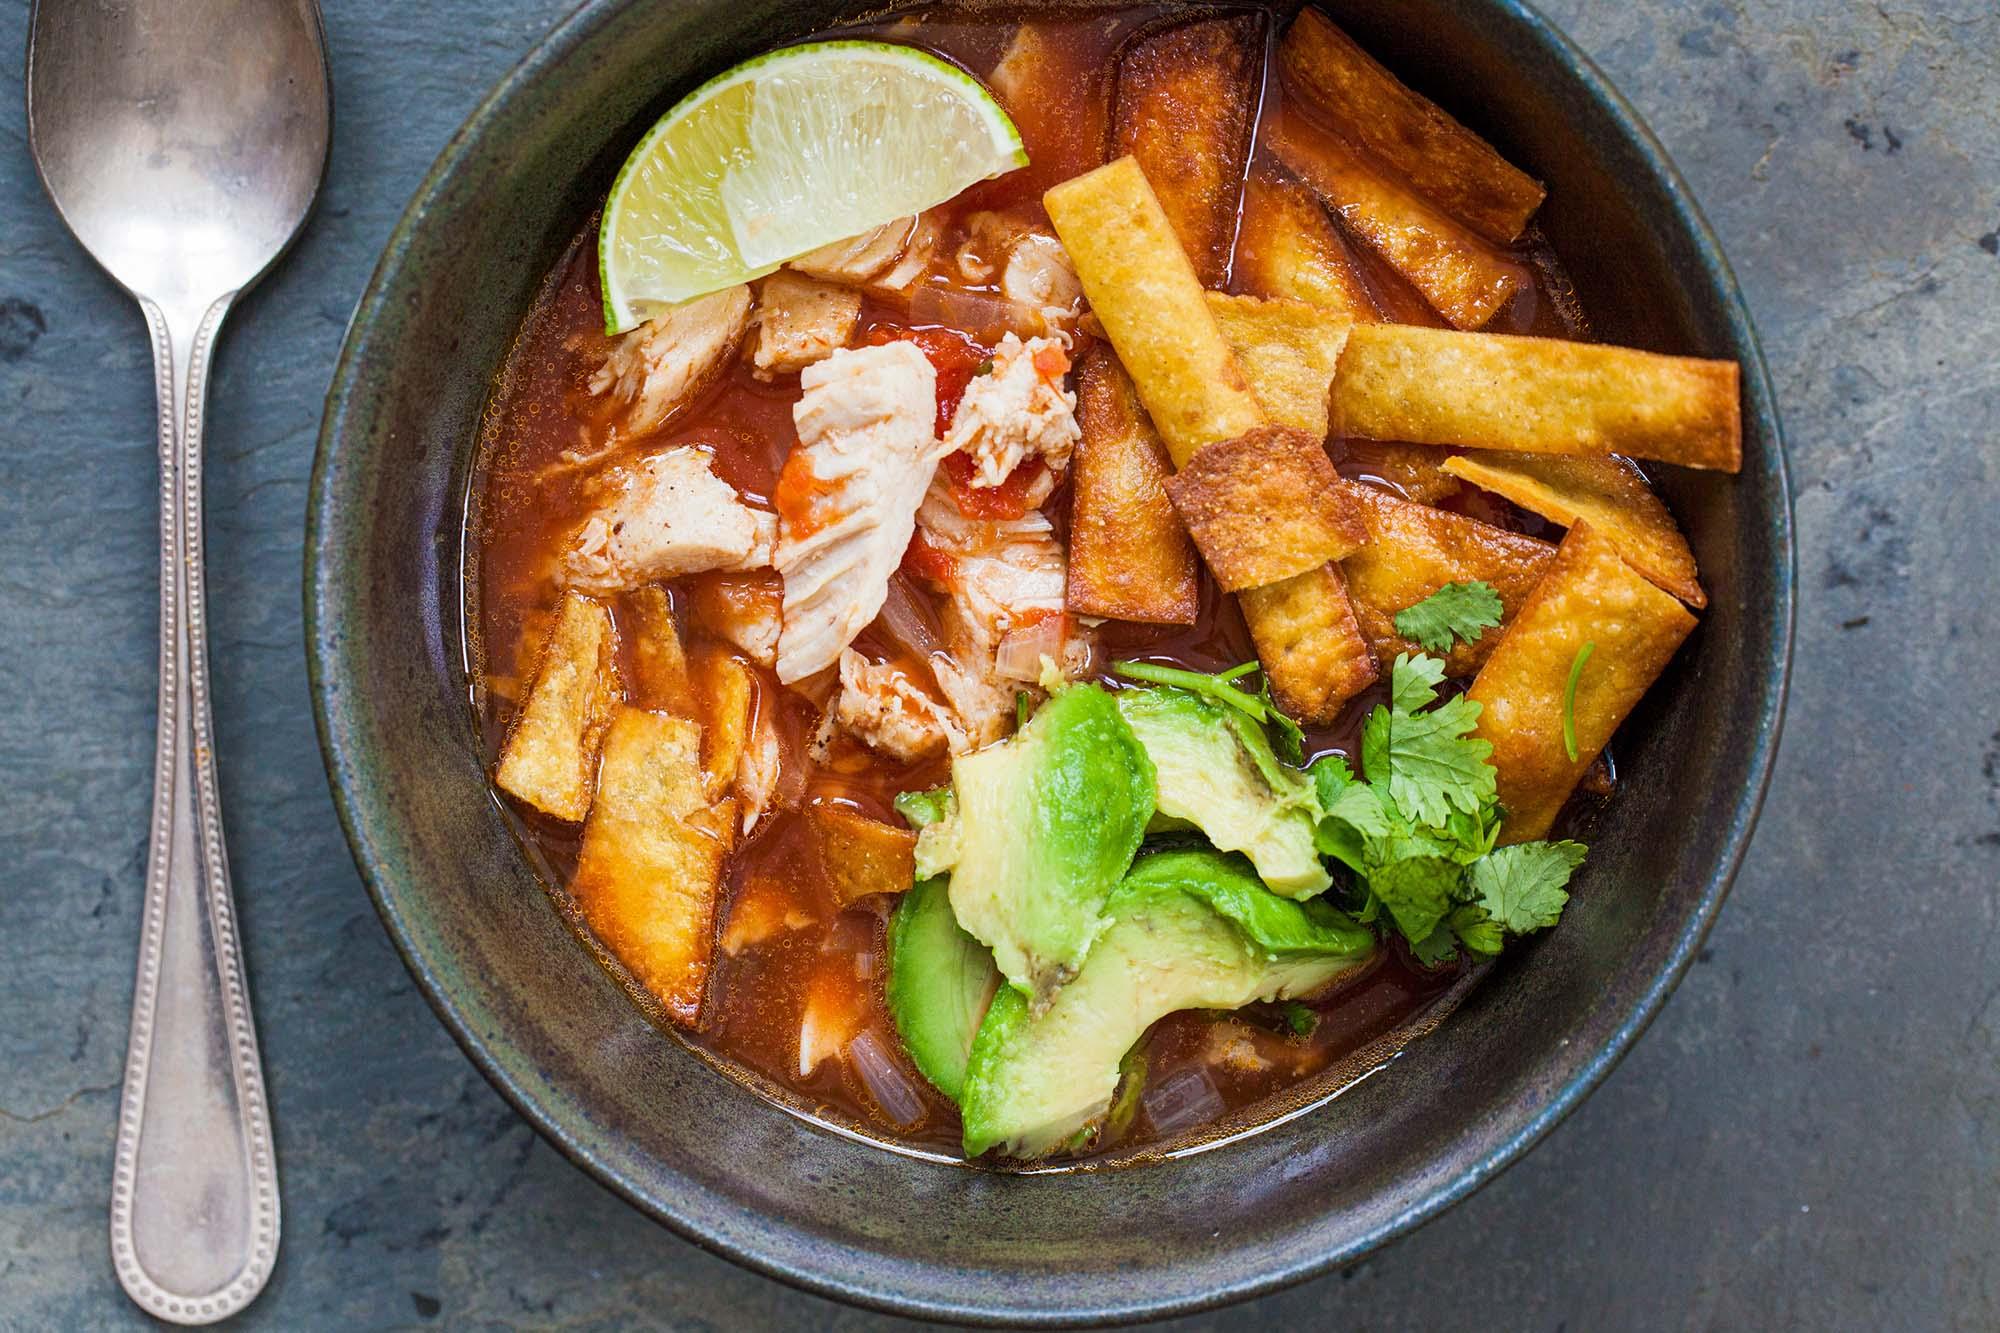 рецепт супа из куриных лепешек, который подается в миске и покрывается лаймом, авокадо, кинзой и другие начинки.